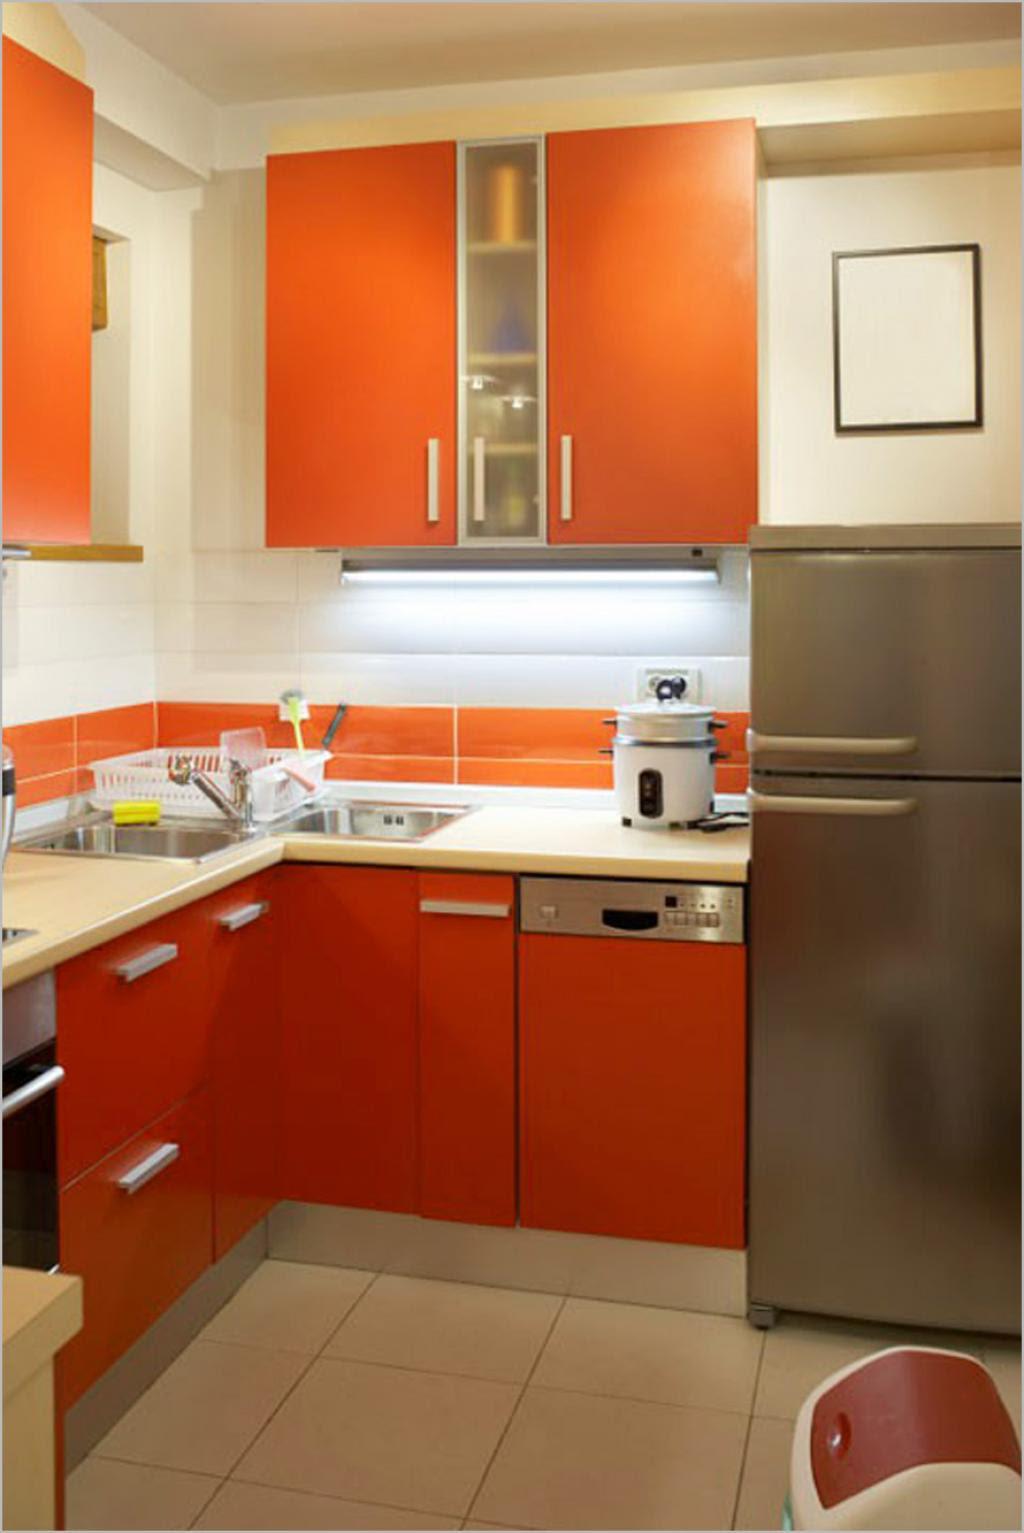 Home Architec Ideas Kitchen Small Home Design